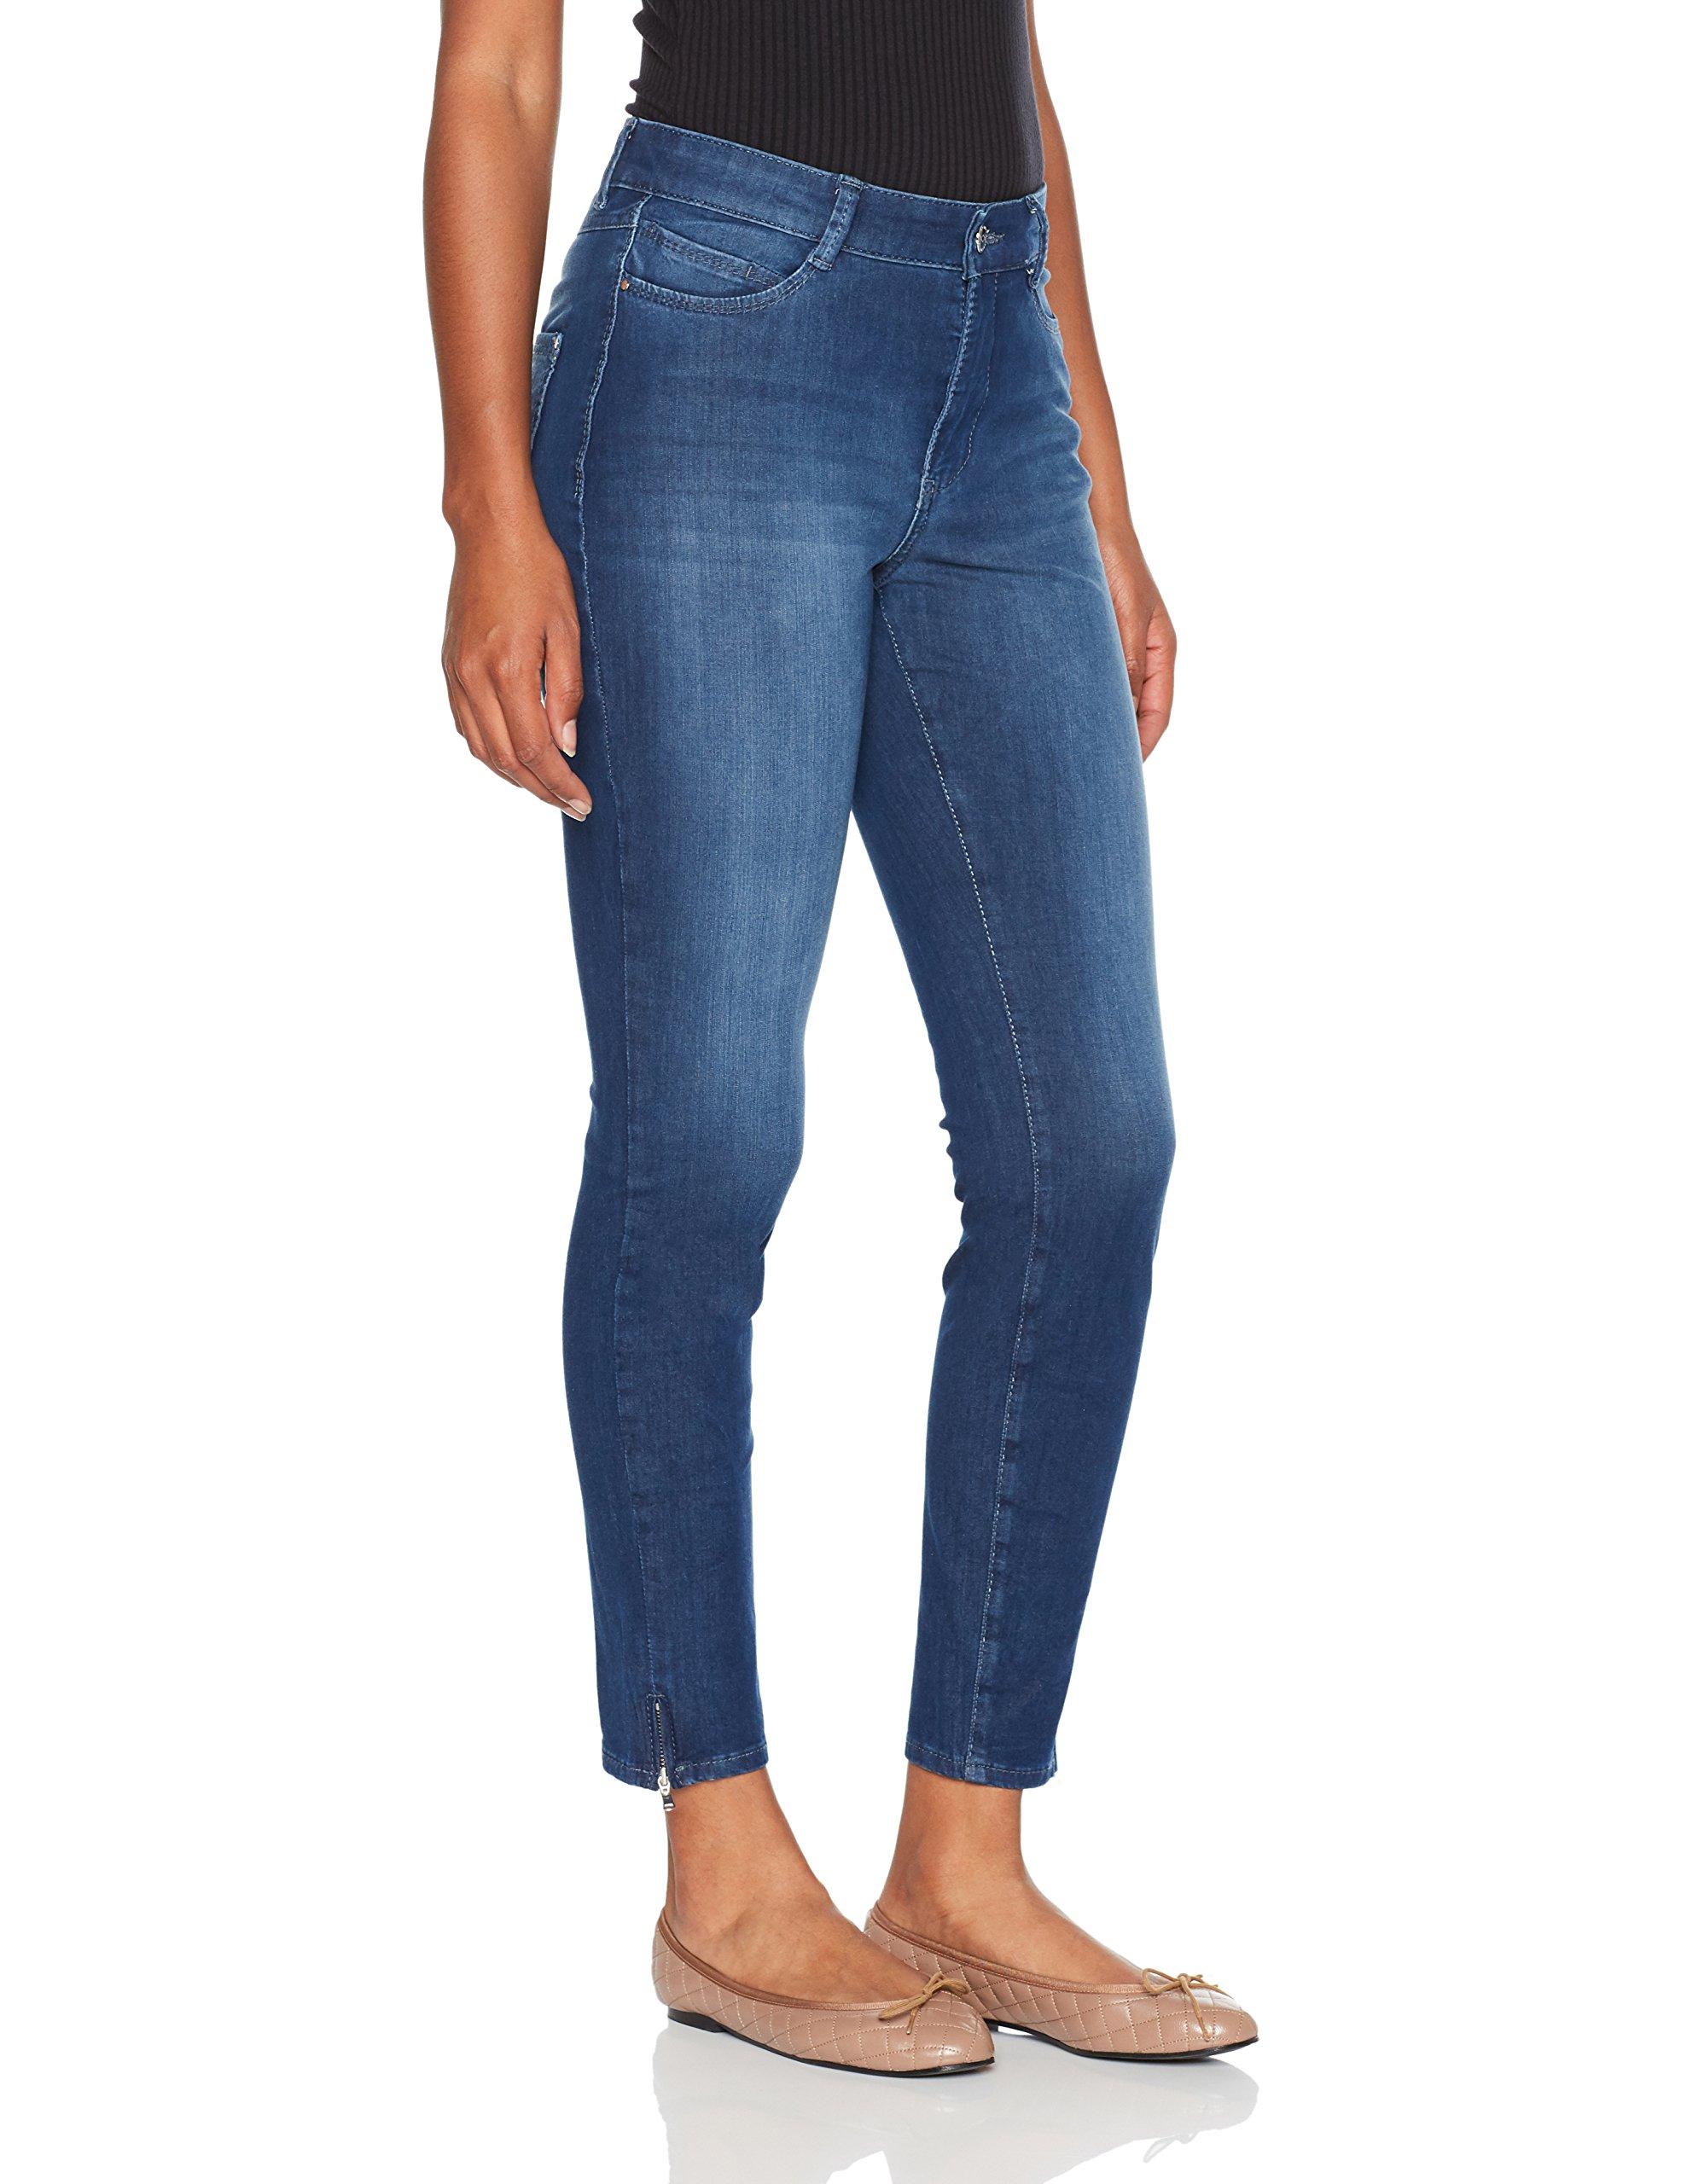 Blue D610W36 FemmeBlaubrilliant Skinny Wash l29 Mac SensationJean L4cq35RjA